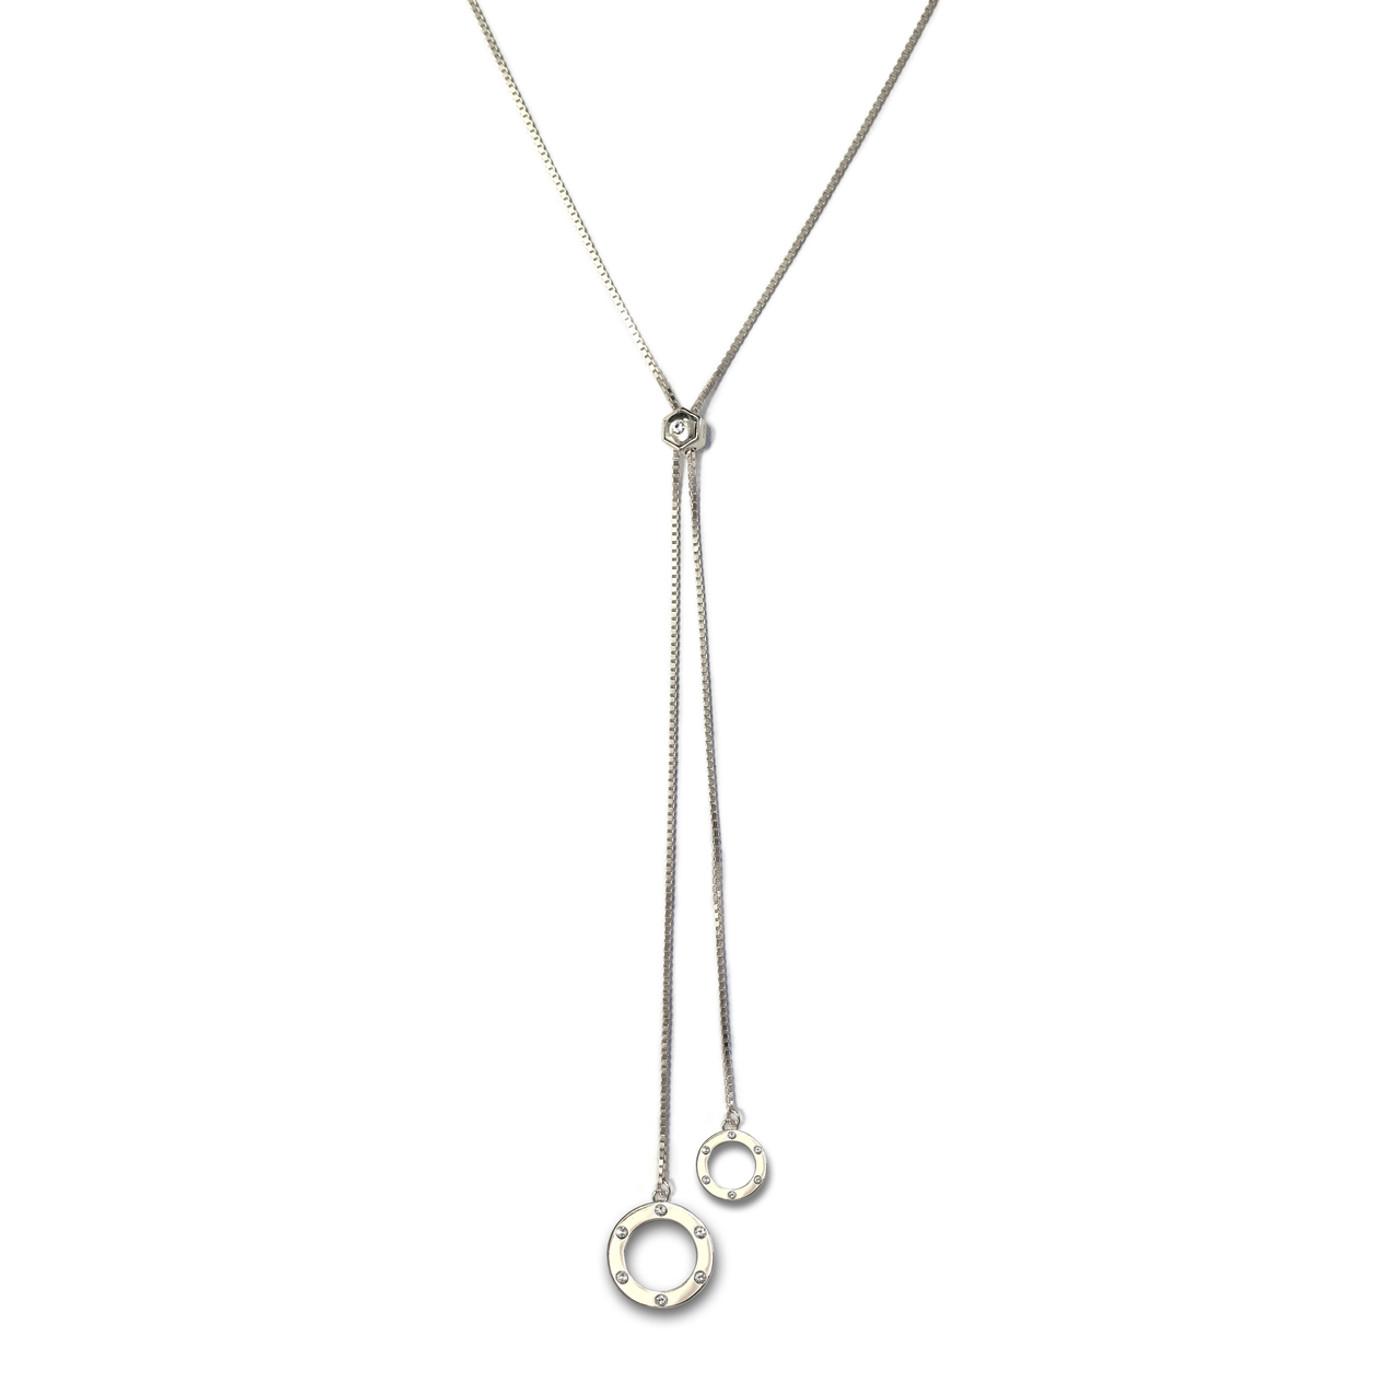 Orbit Lariat Necklace